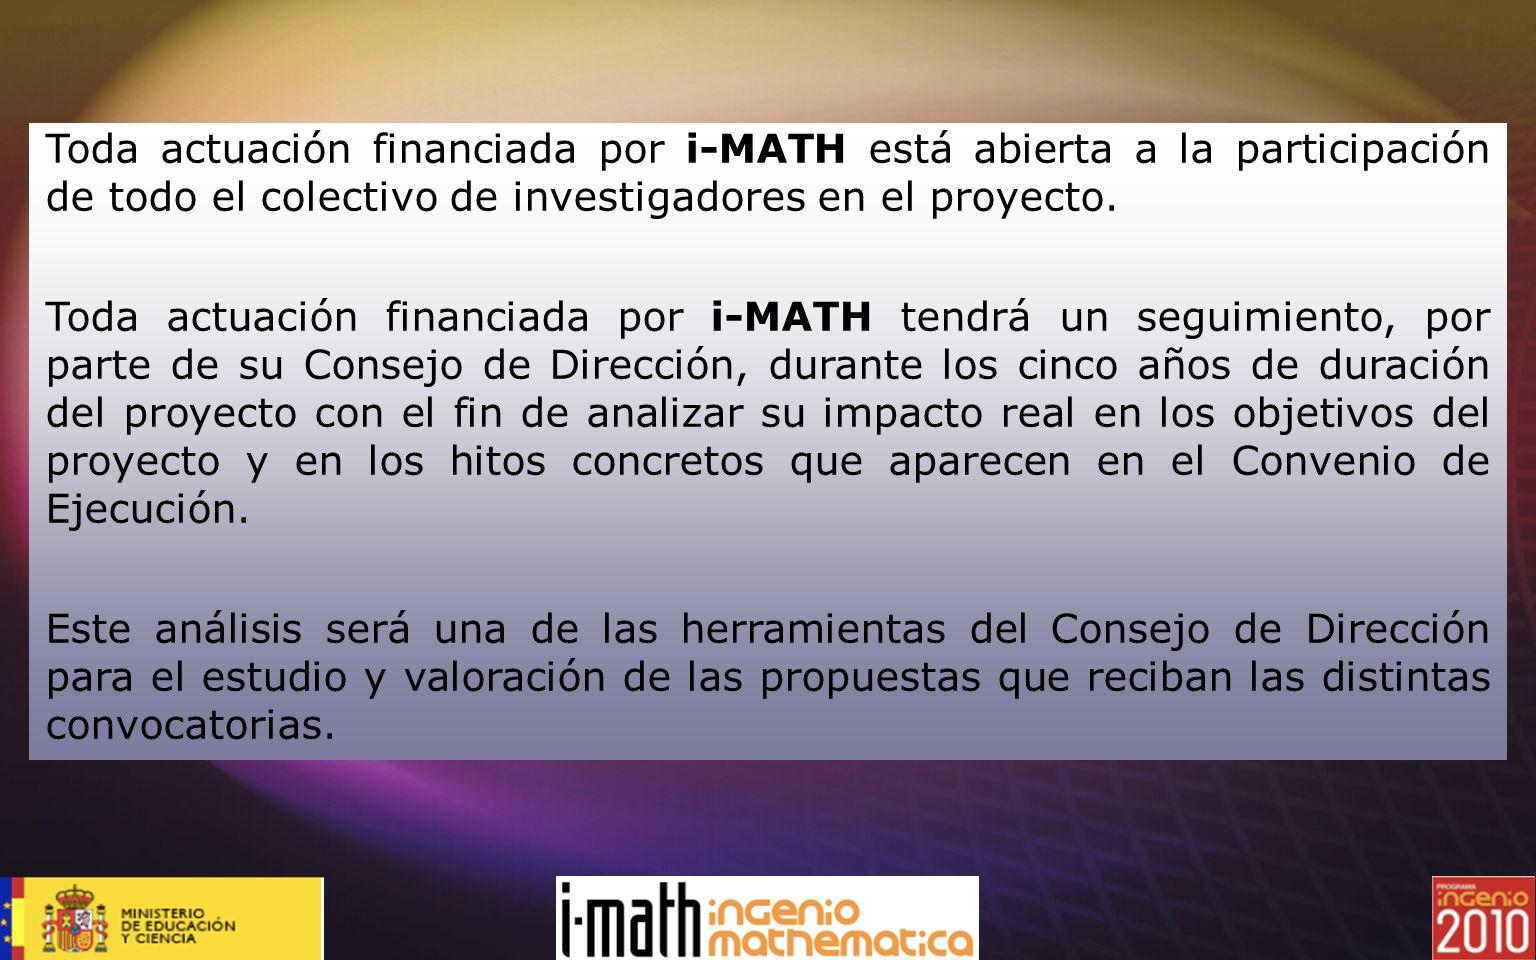 Toda actuación financiada por i-MATH está abierta a la participación de todo el colectivo de investigadores en el proyecto.